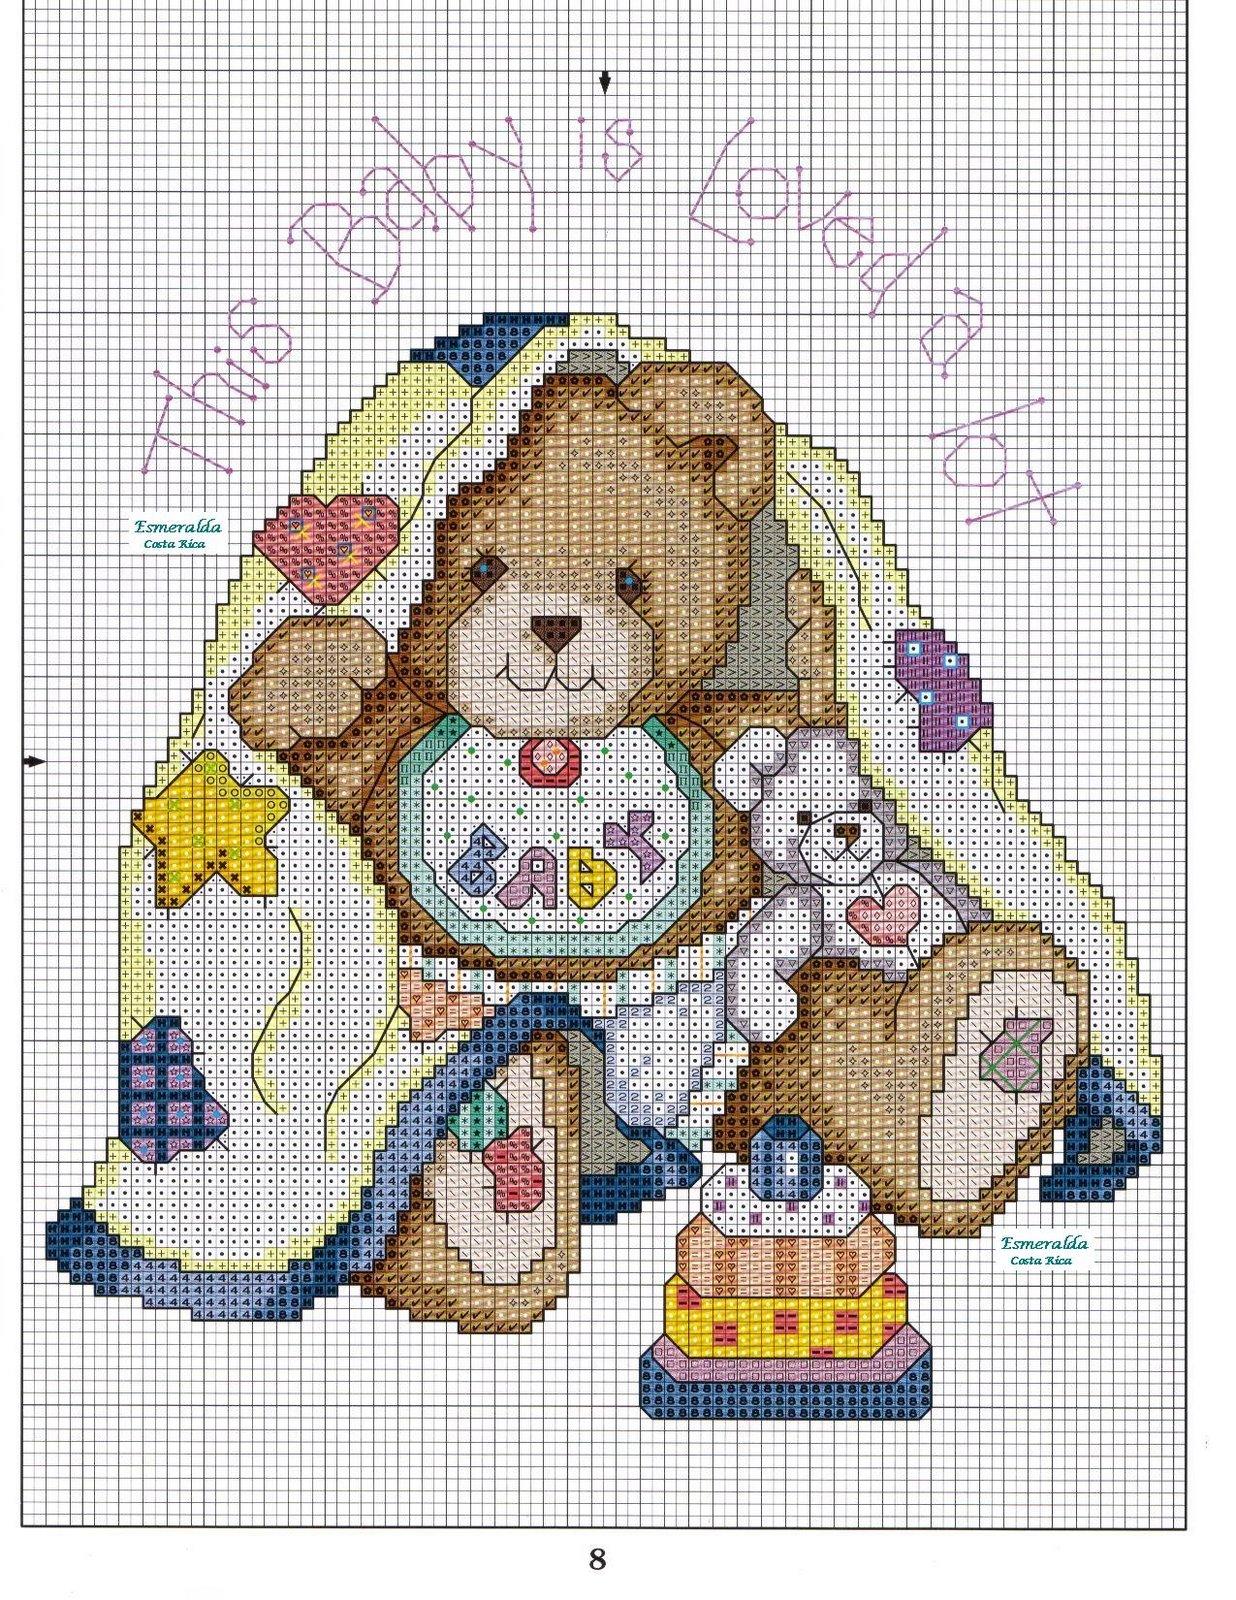 Punto croce orsetto for Punto croce bambini gratis